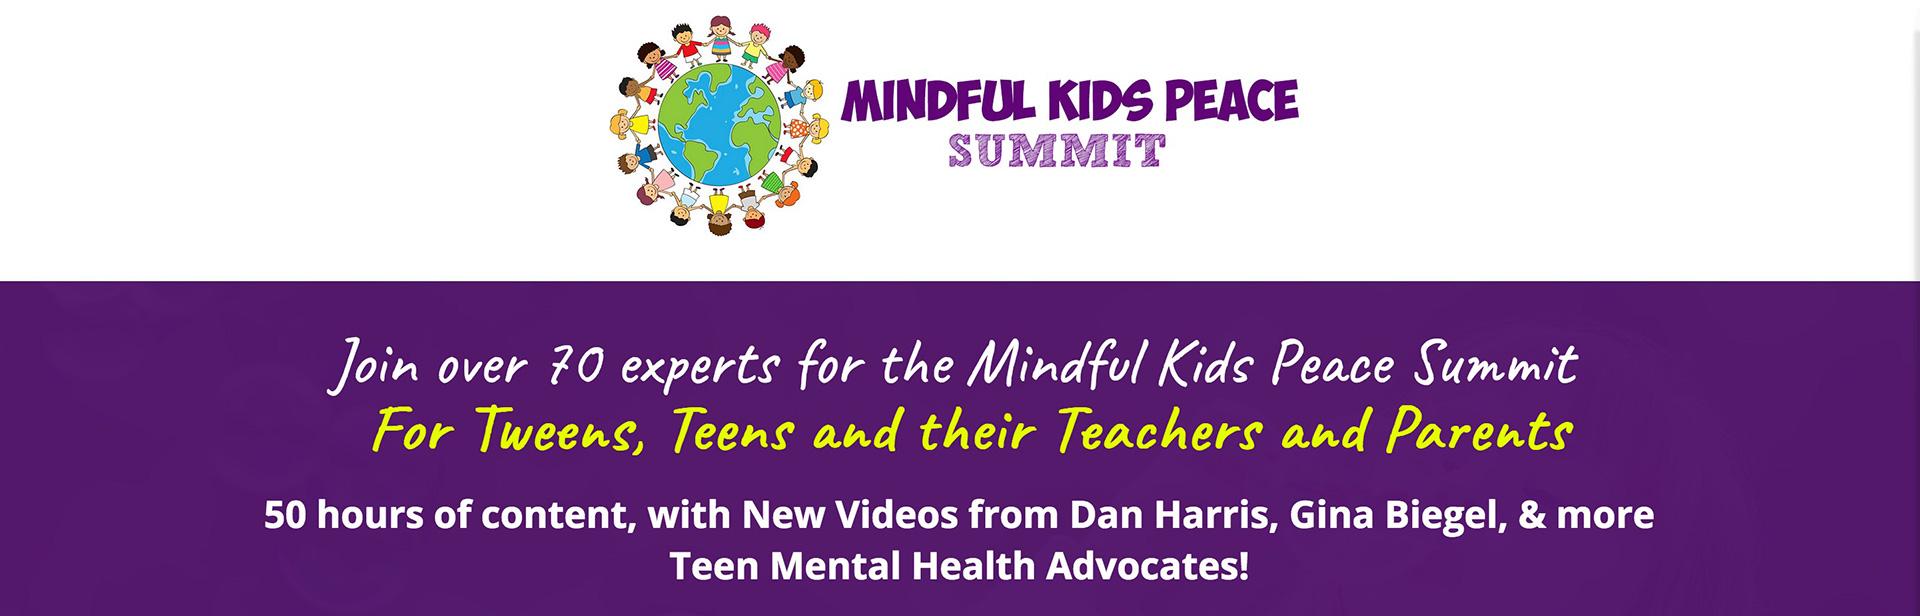 mindful-kids-peace-1920x616